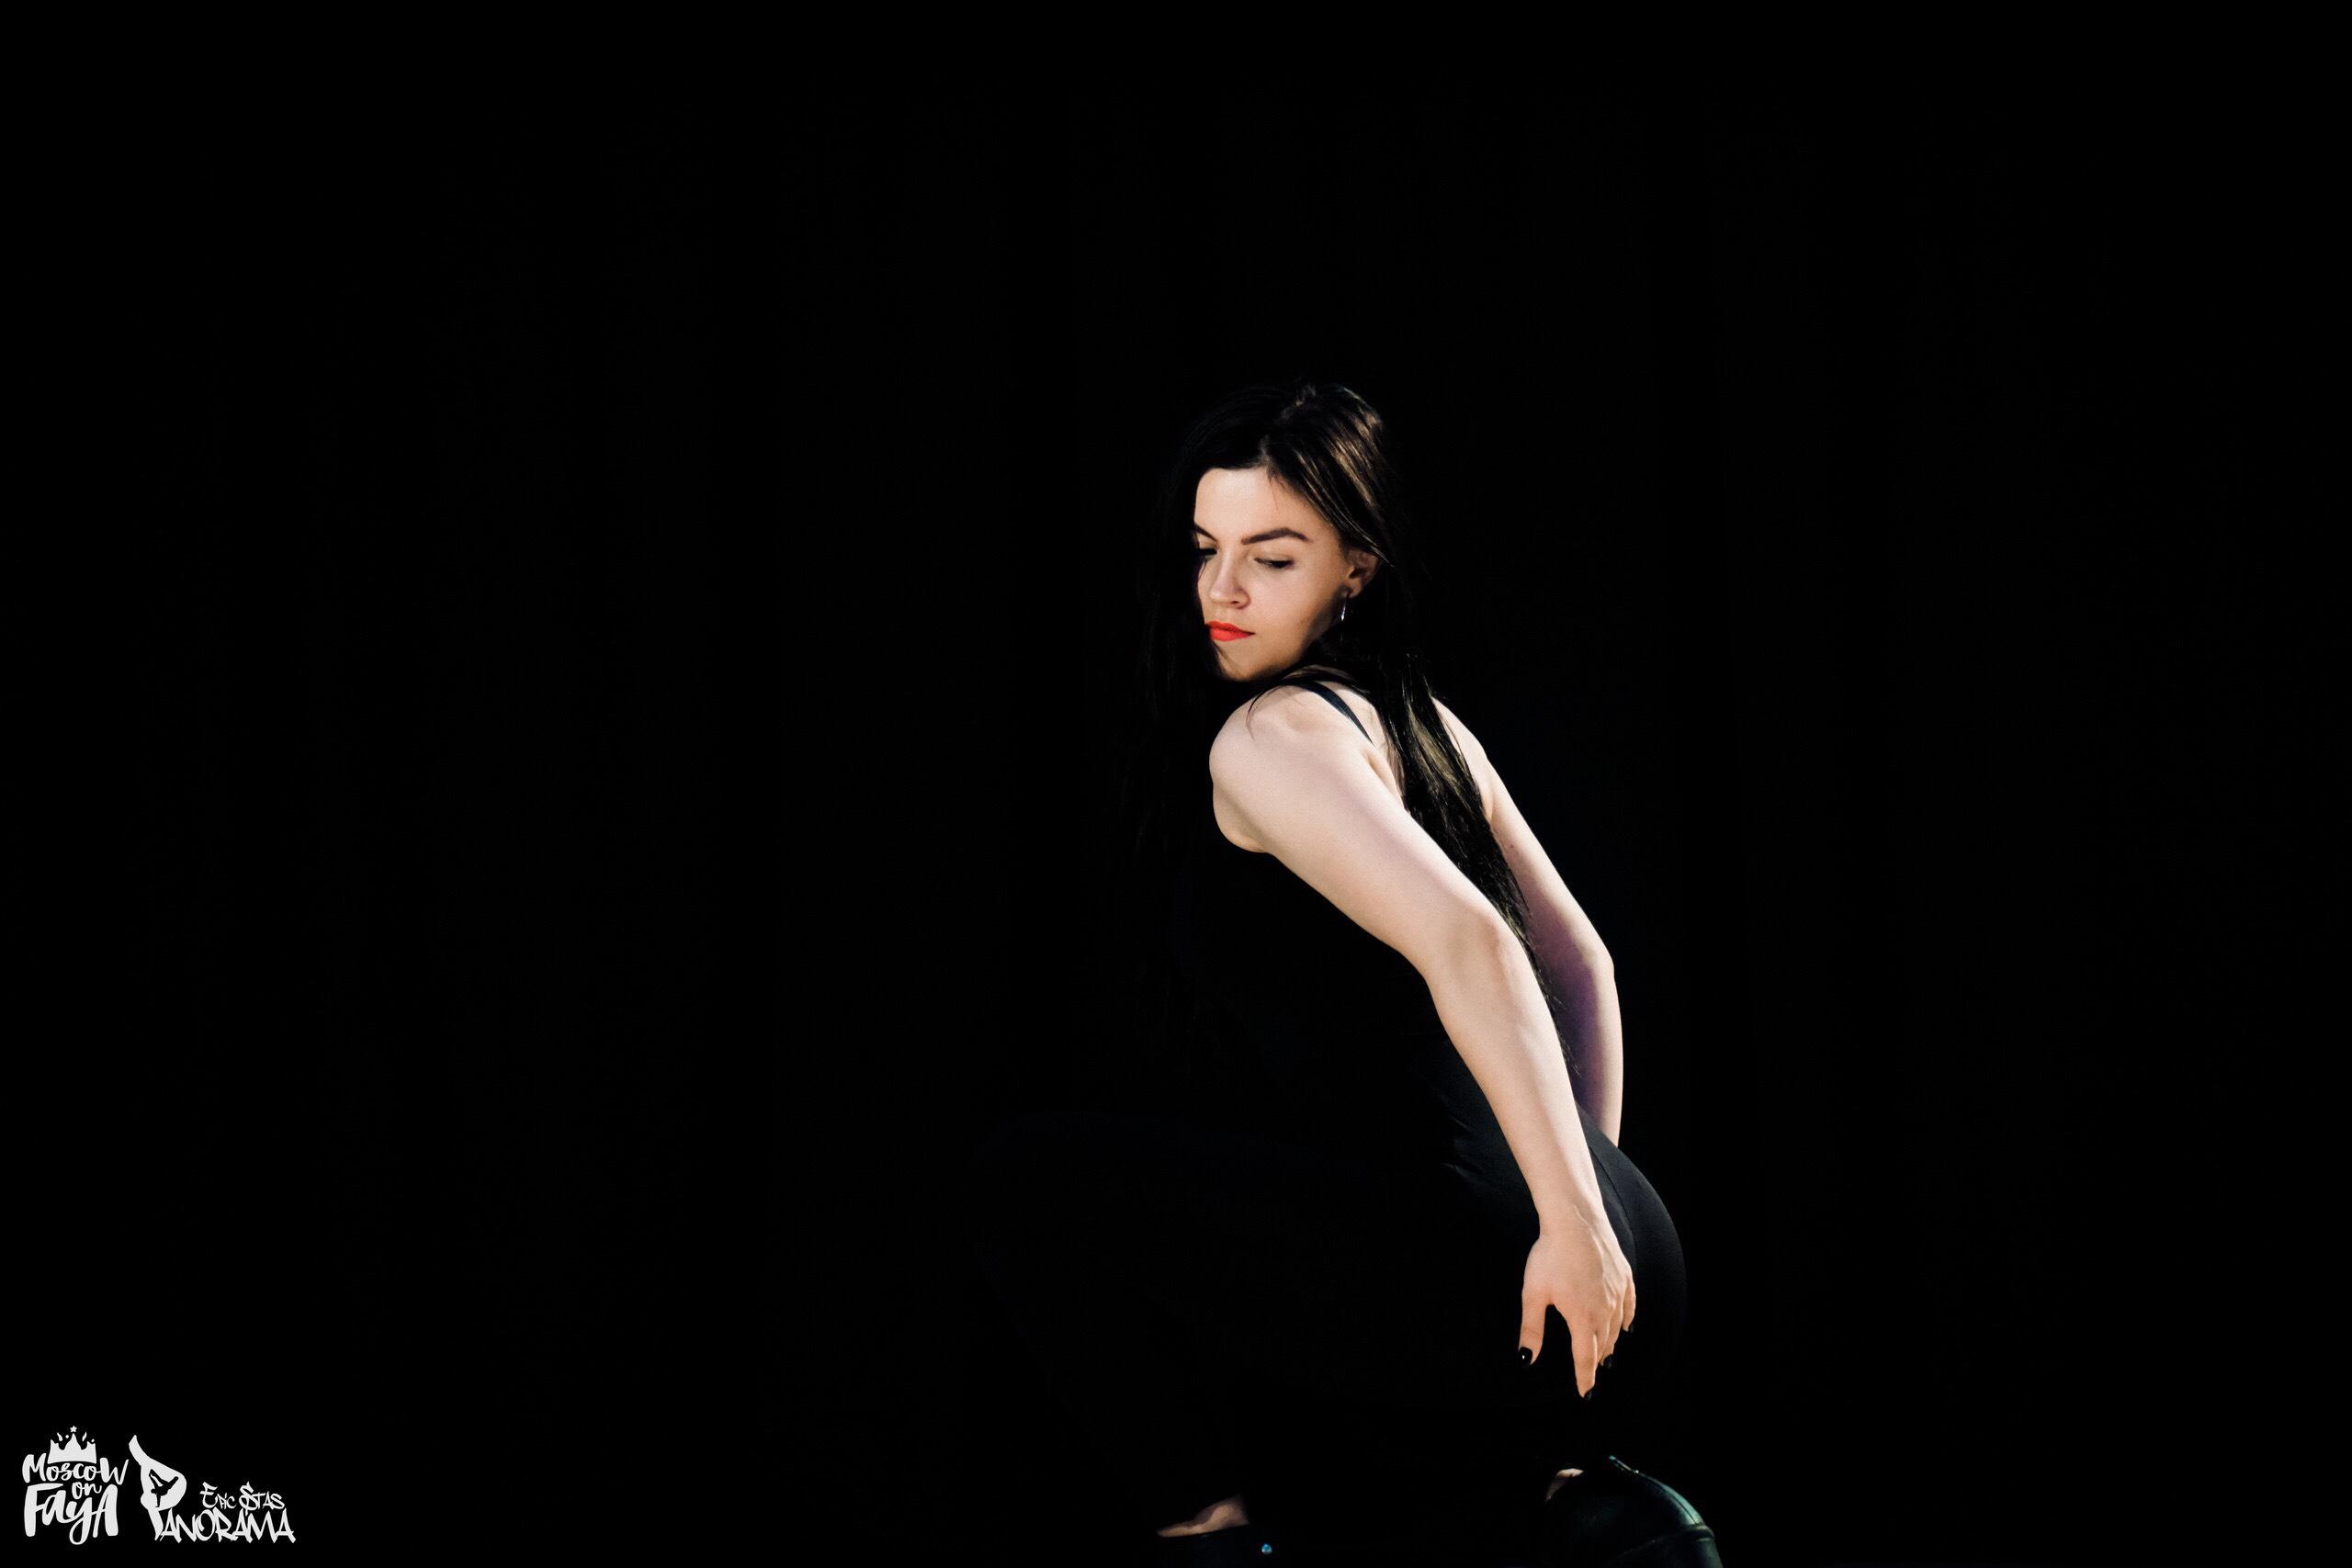 Yulia Rokachevskaya